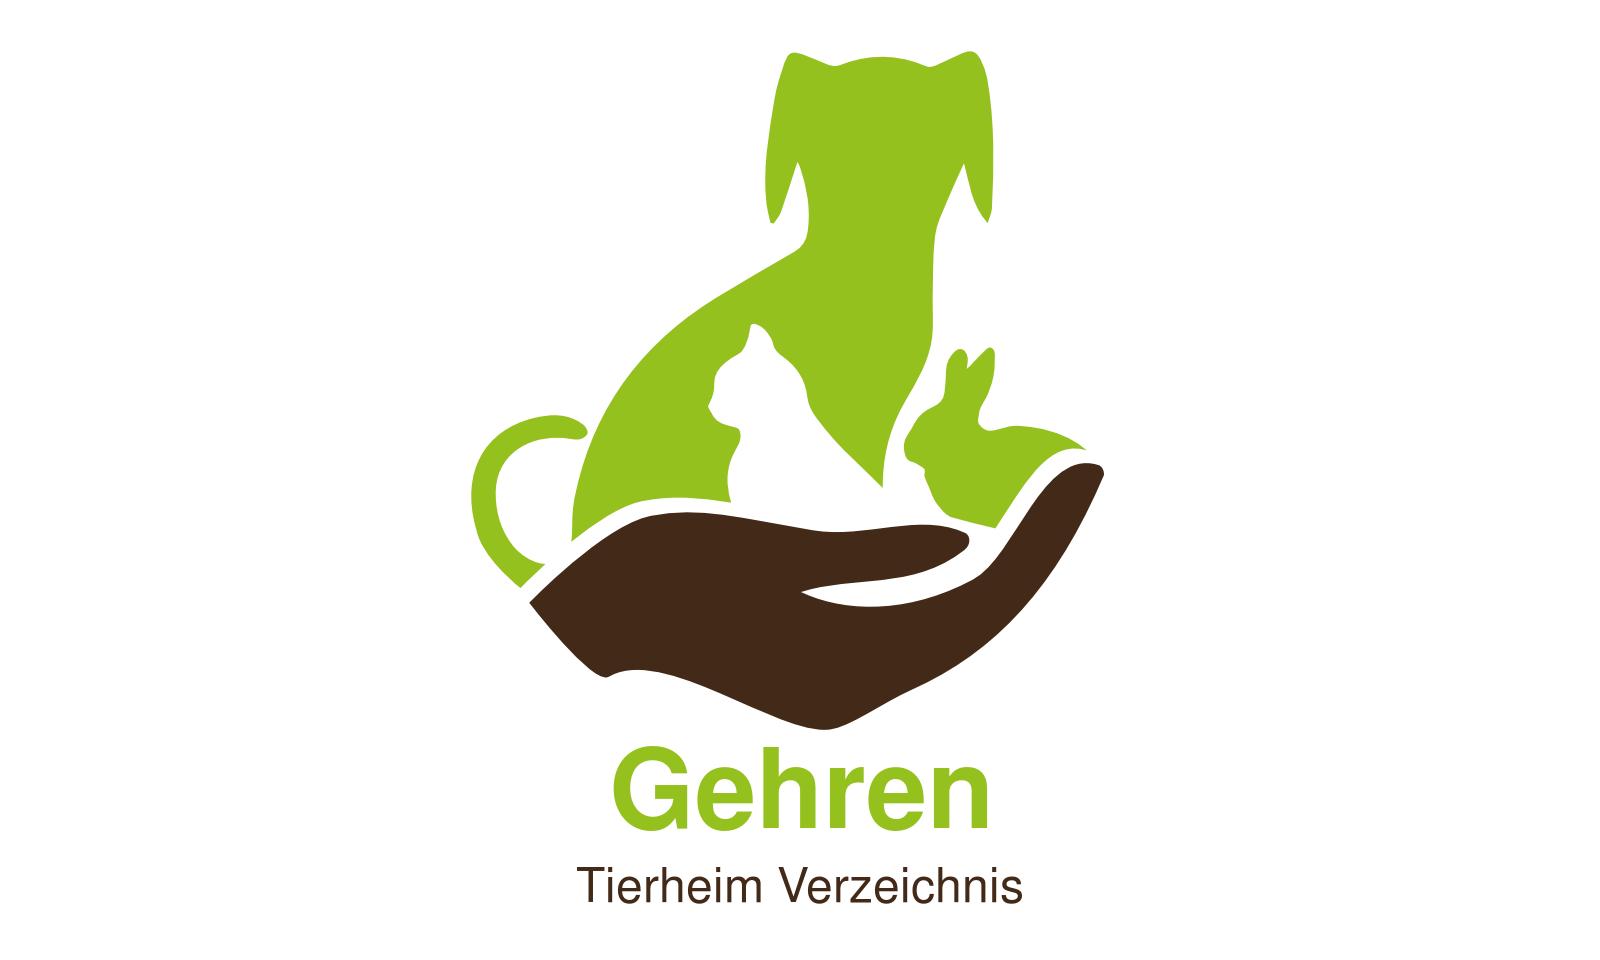 Tierheim Gehren